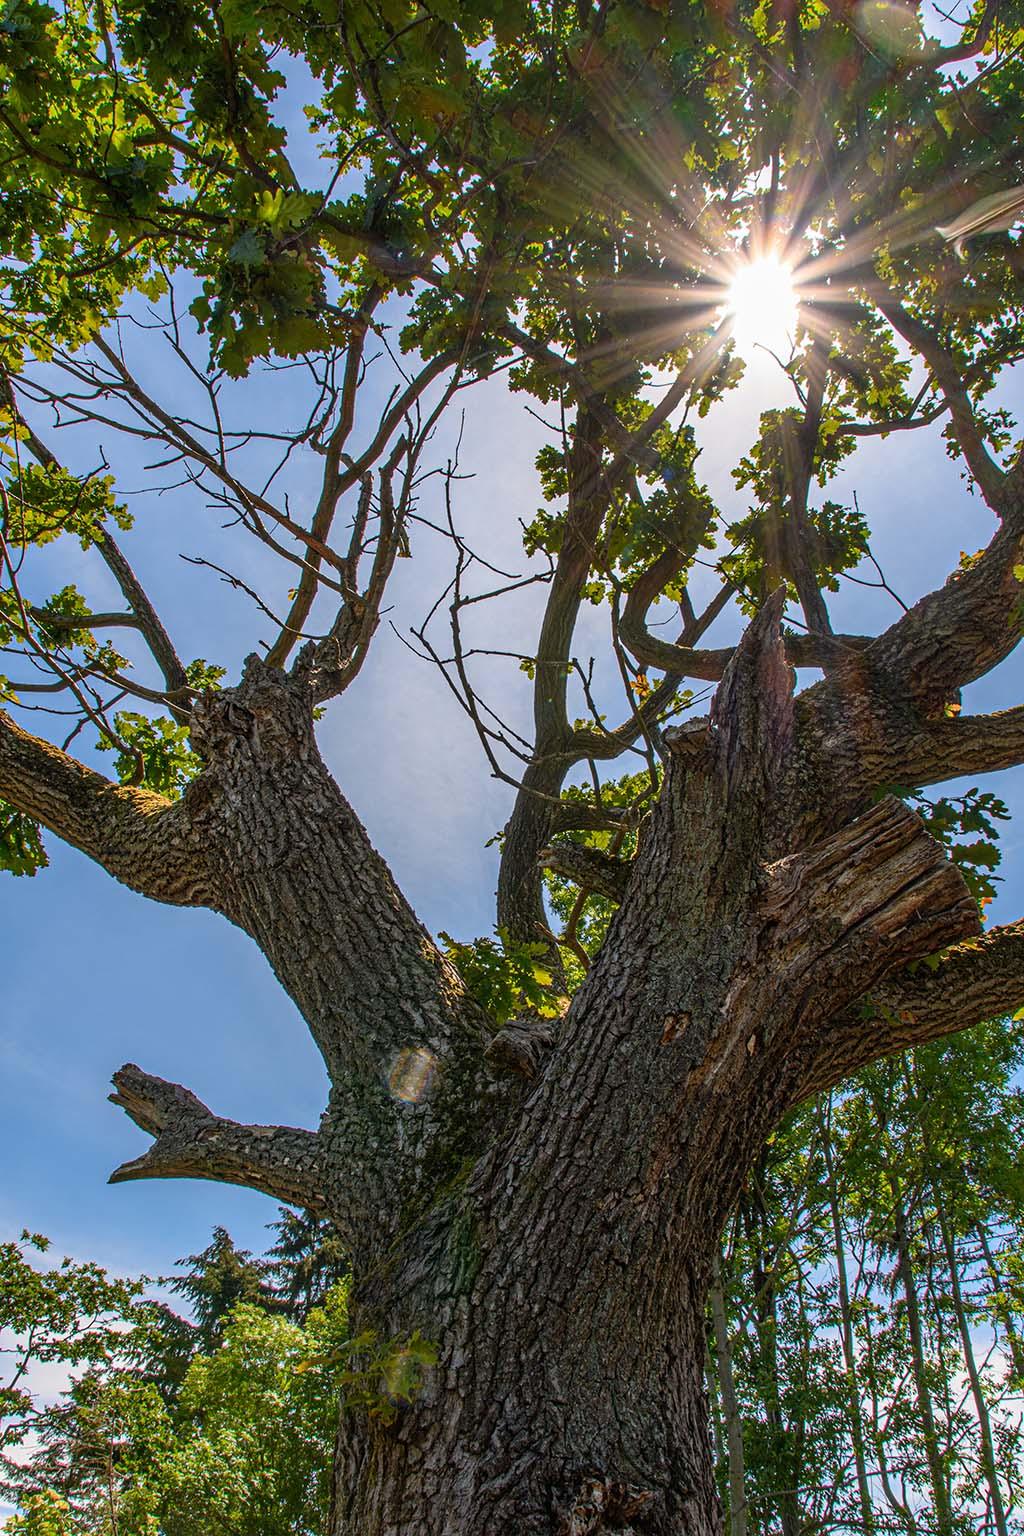 Rund um den Minderberg - Sonne blitzt zwischen Zweigen